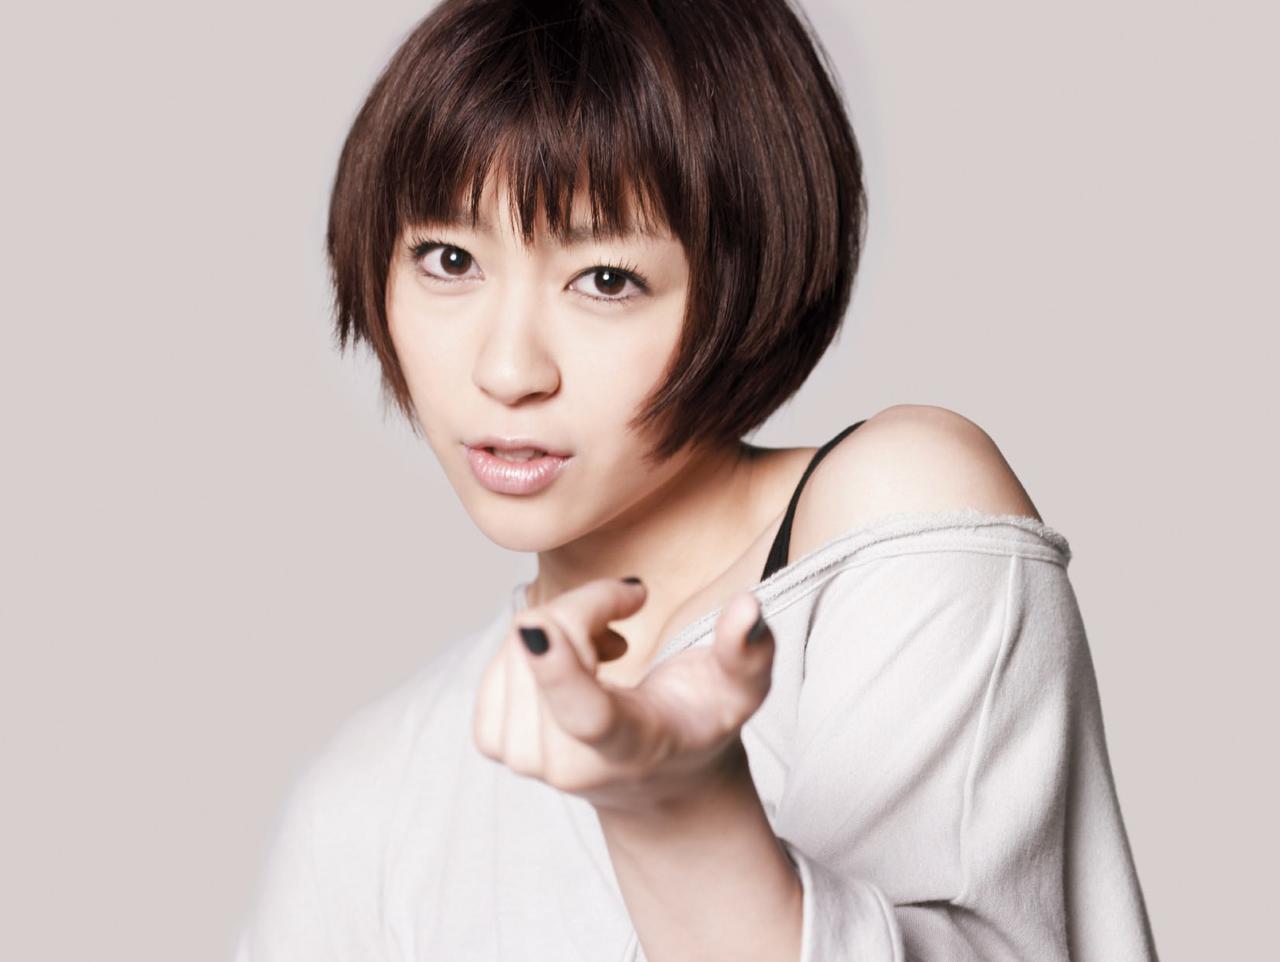 宇多田ヒカルが芸能活動再開! 4月からFMラジオでレギュラー番組